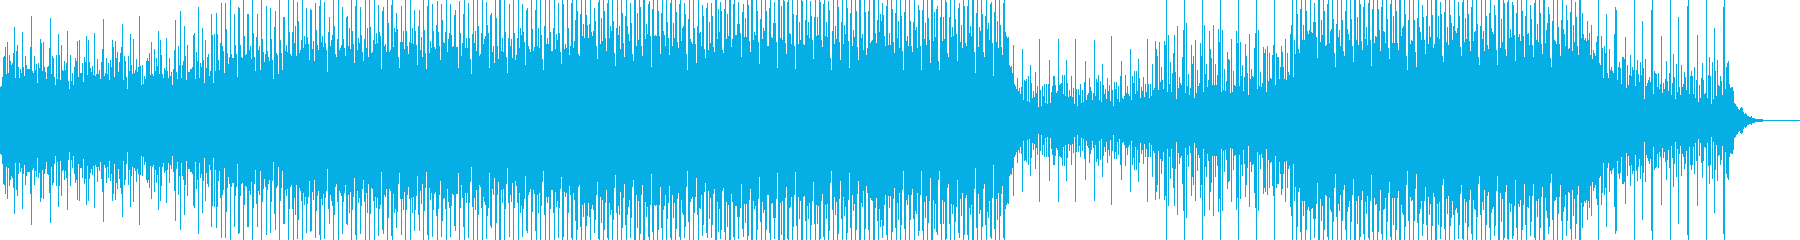 エスニックなパーカッションやその他...の再生済みの波形